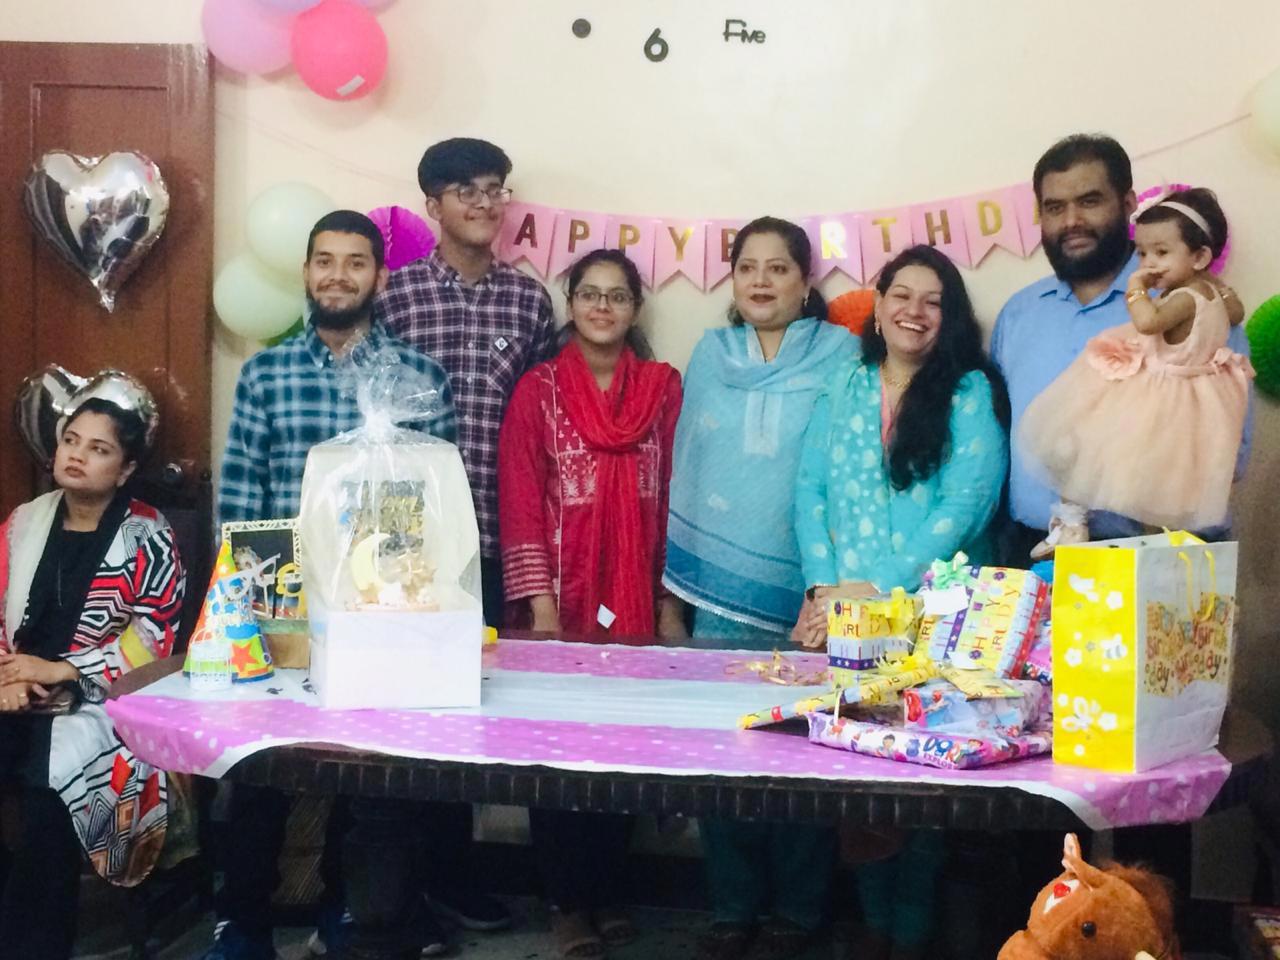 Left to Right: Obaid-ur-Rehman, Habib-ur-Rehman, Mariam A. Rehman, Dr. Kiran A. Rehman, Faryal Khan, Bilal A. Khan and Ayra posing for a photograph.